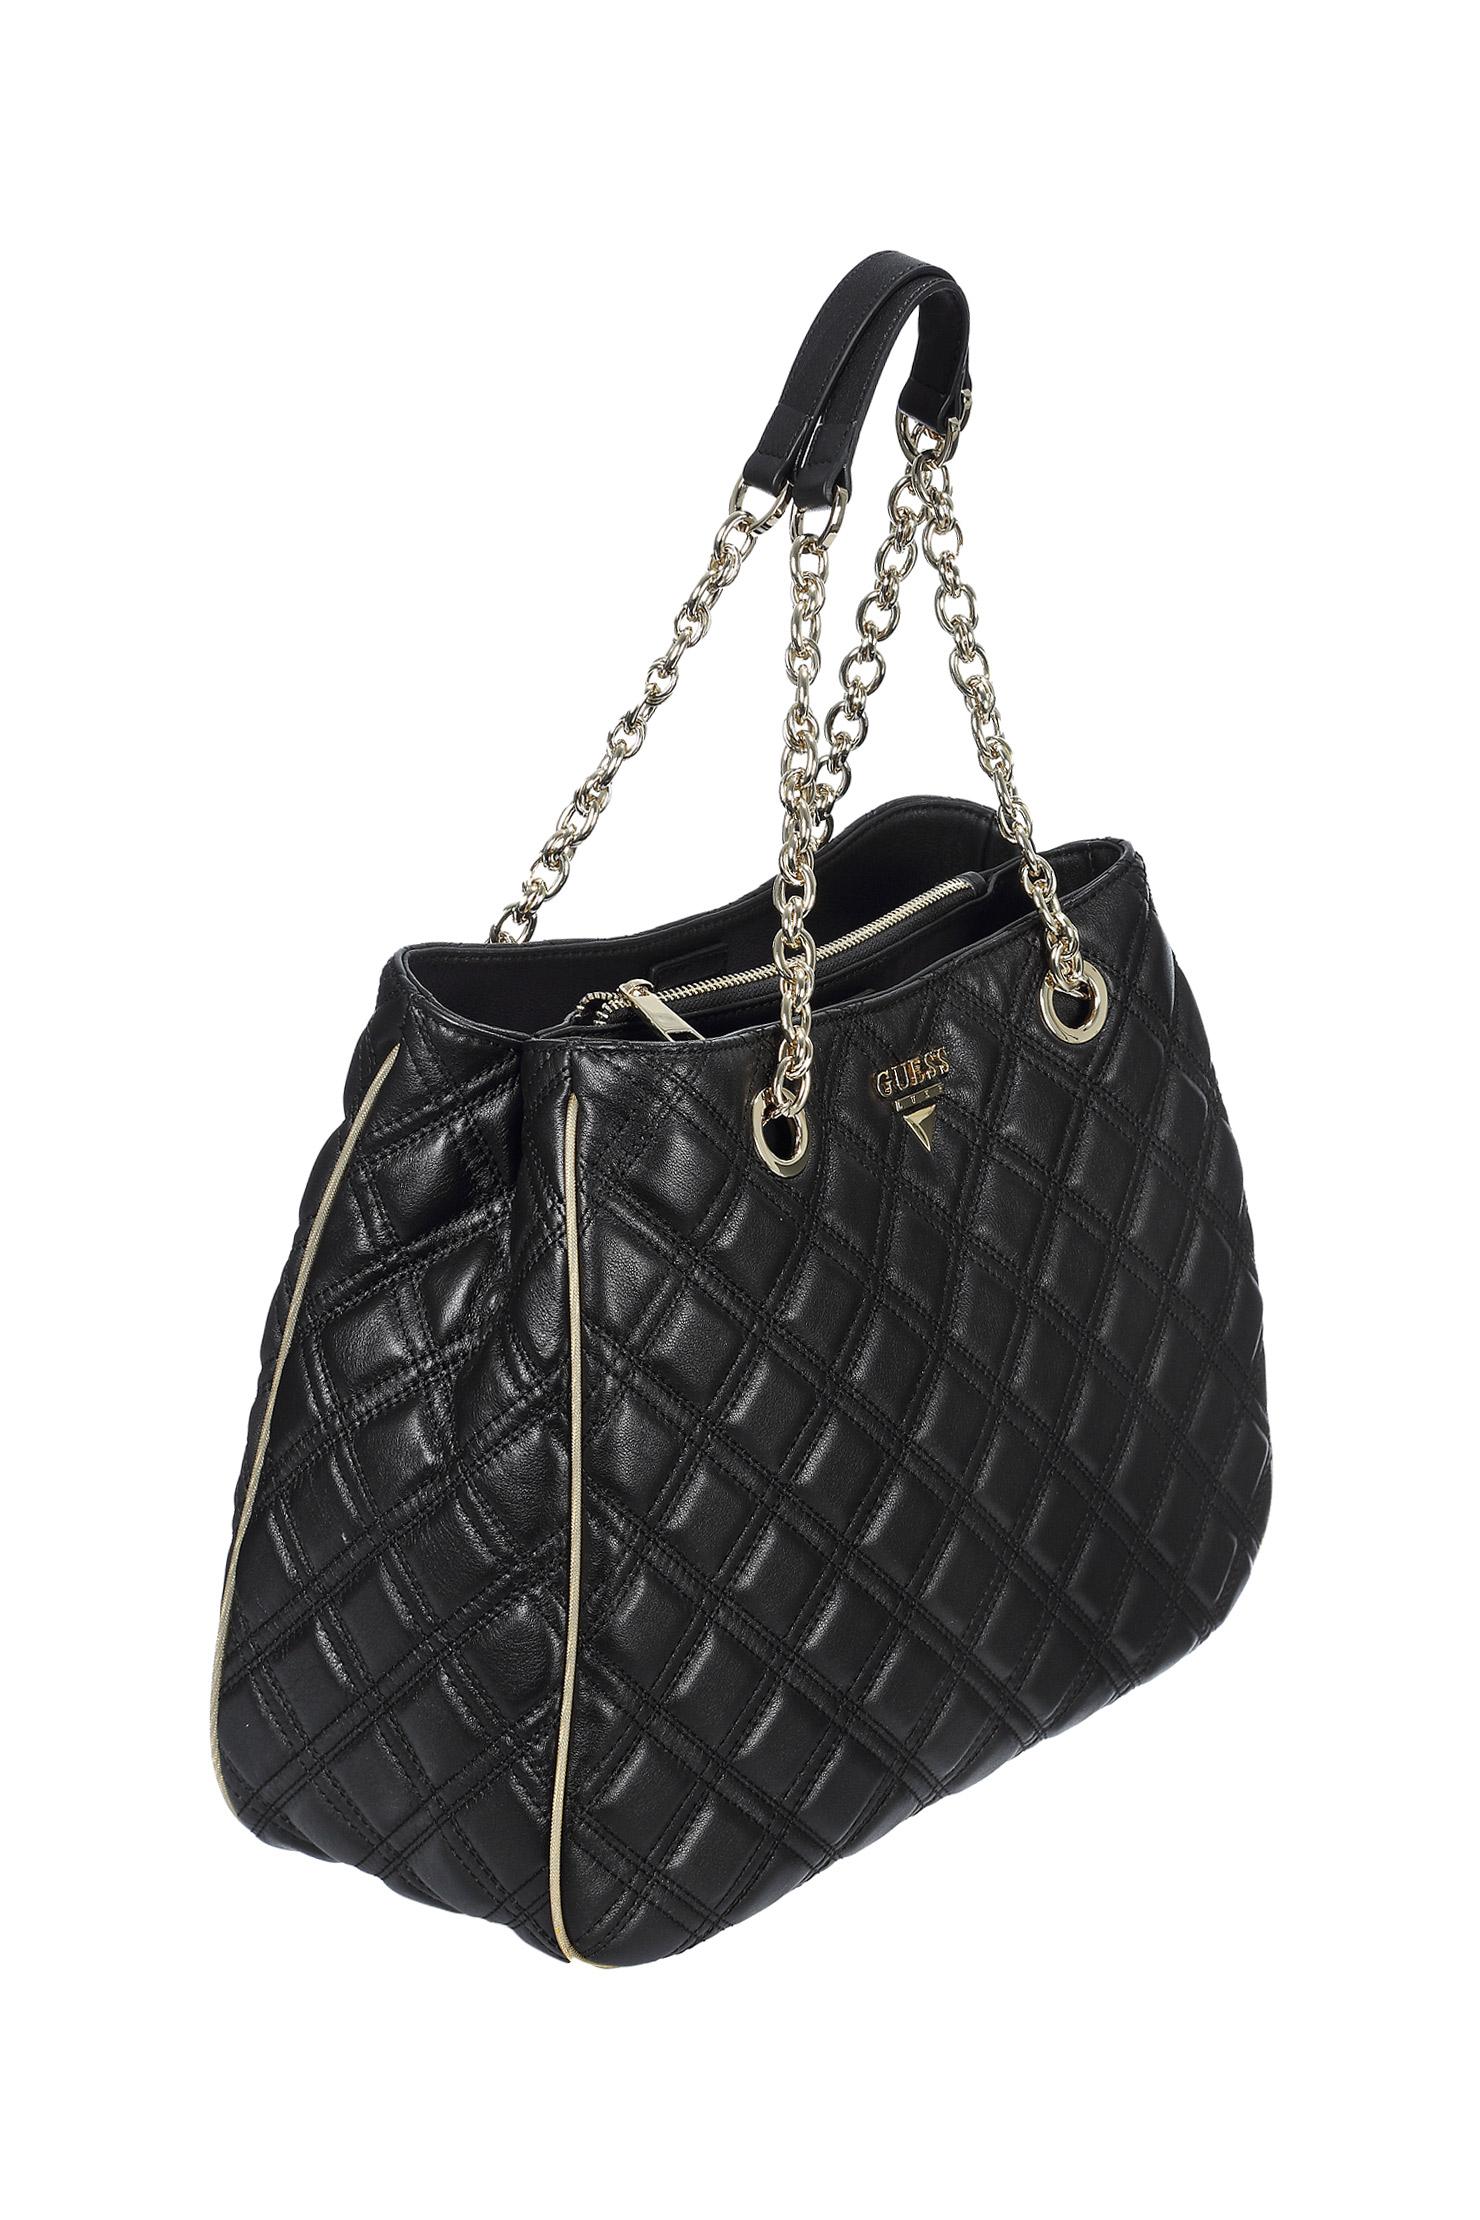 128f7002e1a6 Black Leather Guess Handbags - Handbag Photos Eleventyone.Org